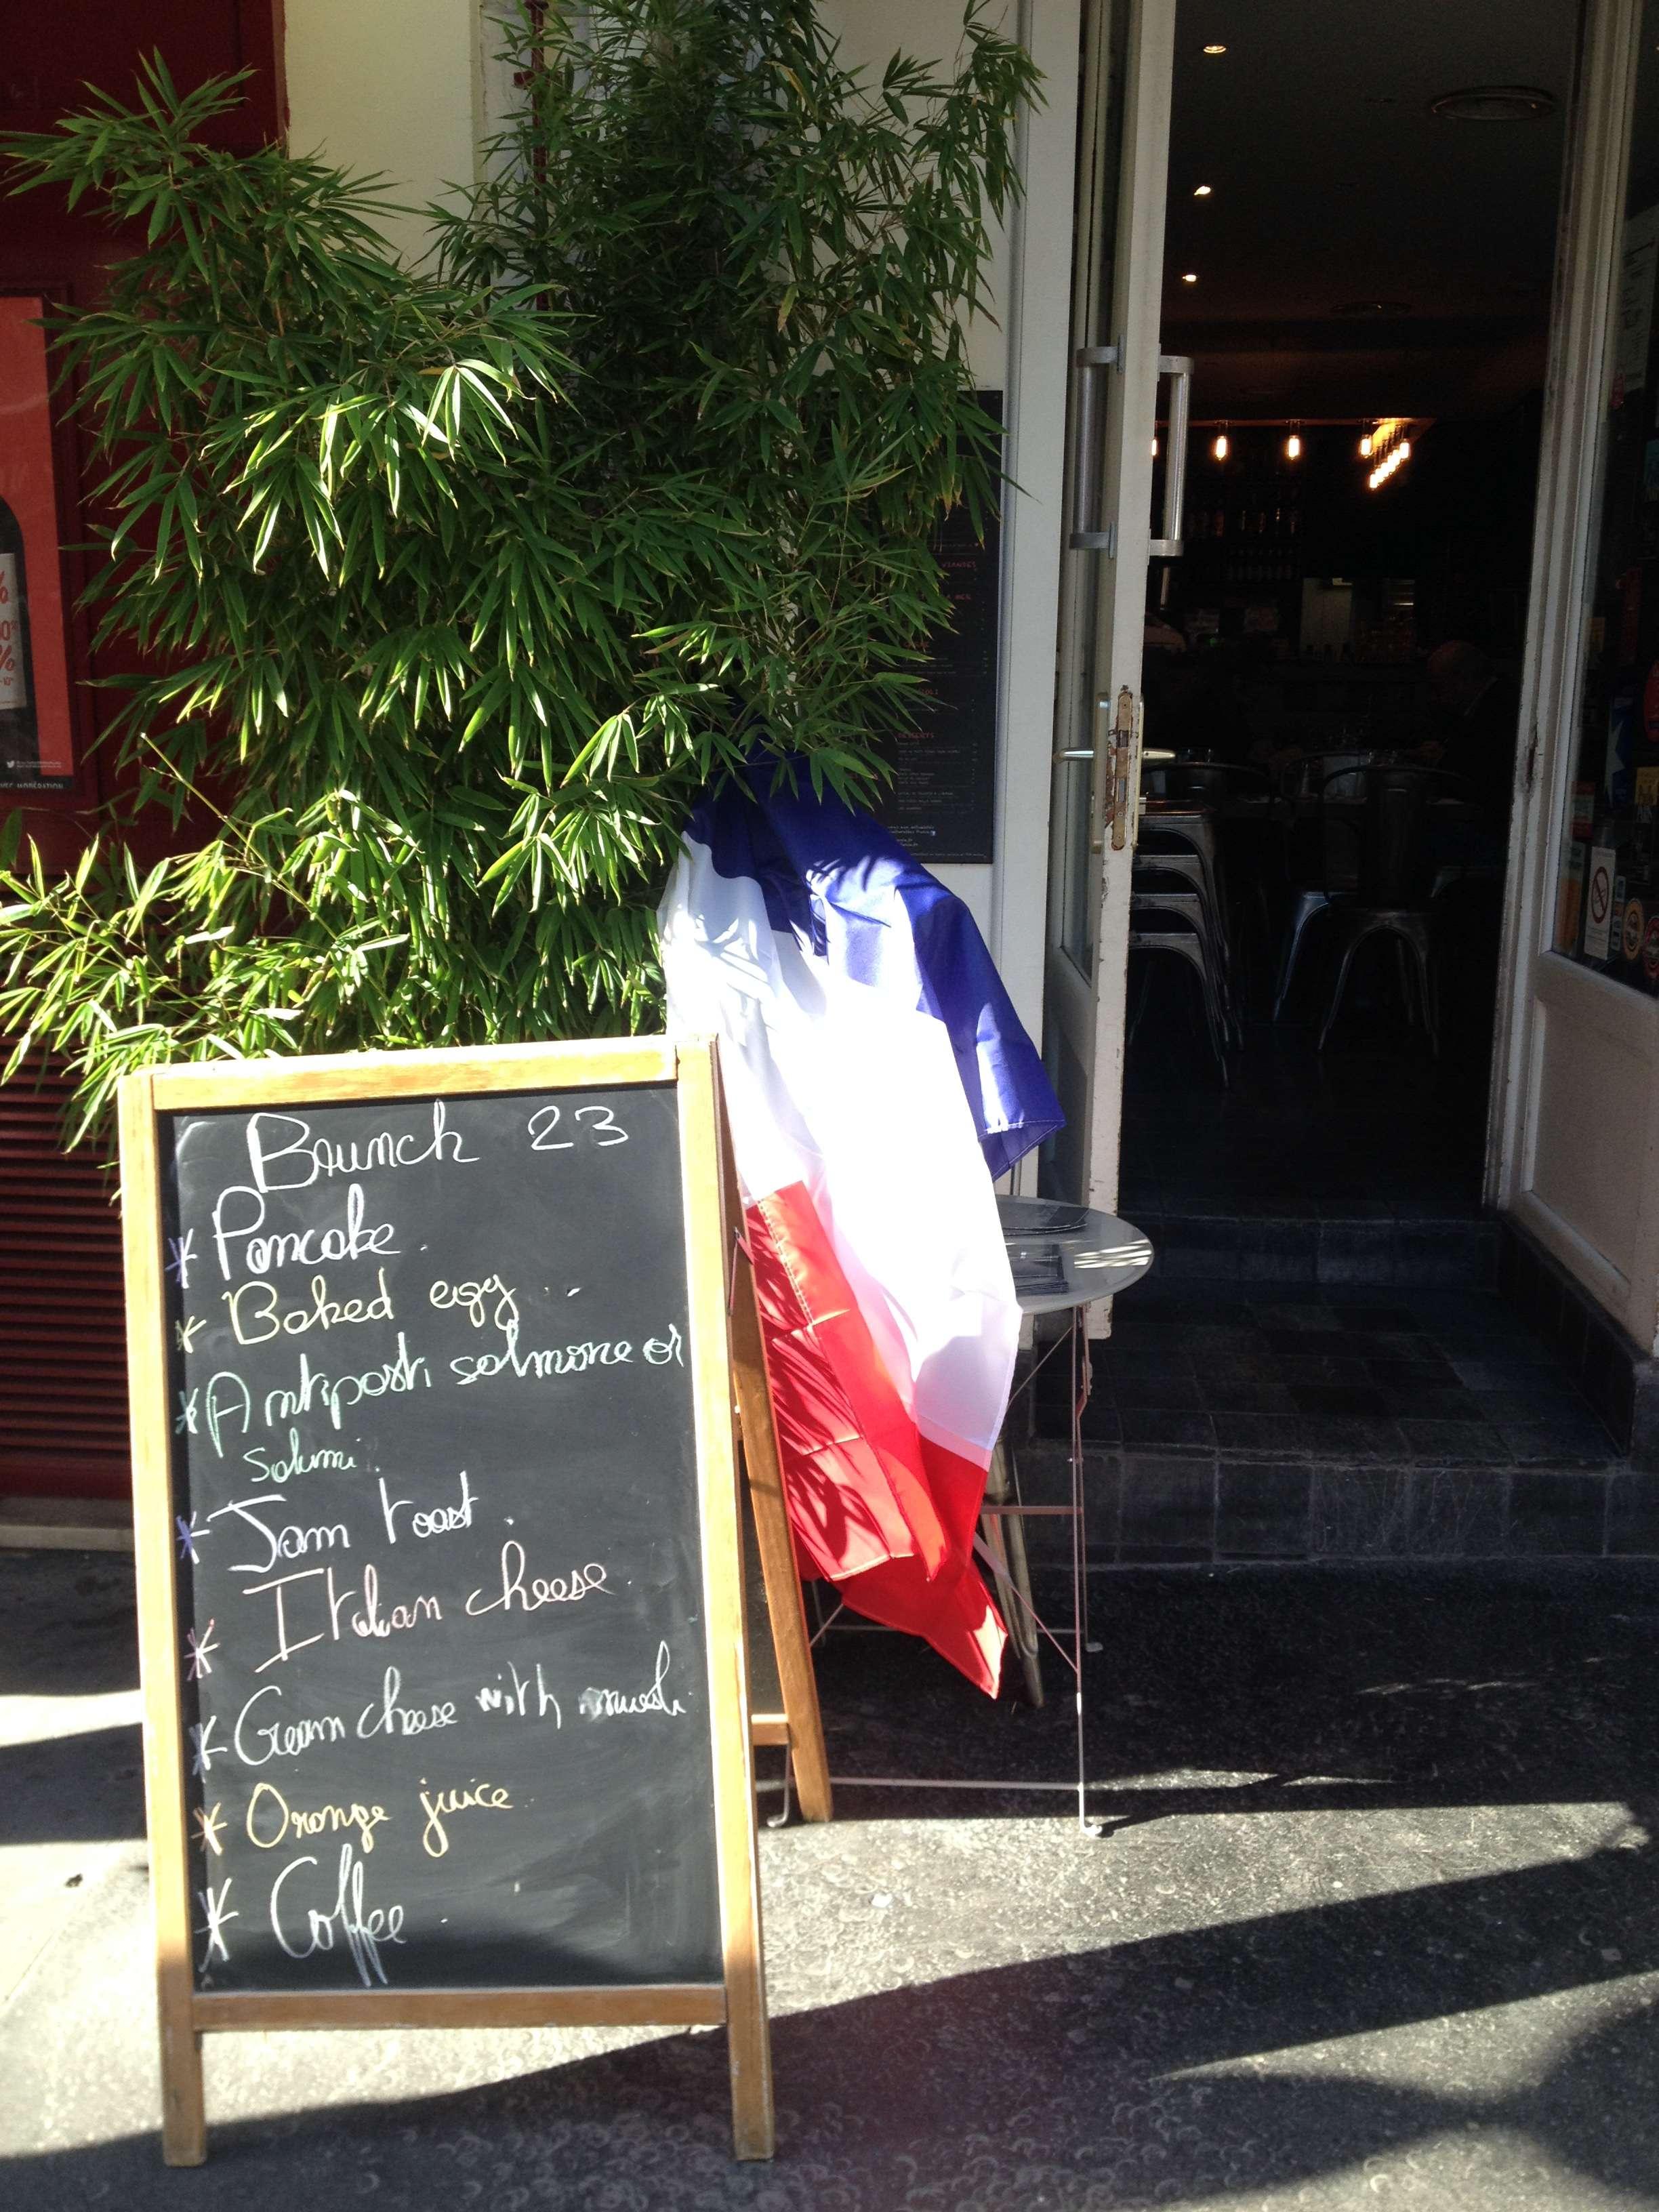 Steagul e arborat chiar si la intrarea în cârciuma italieneascà